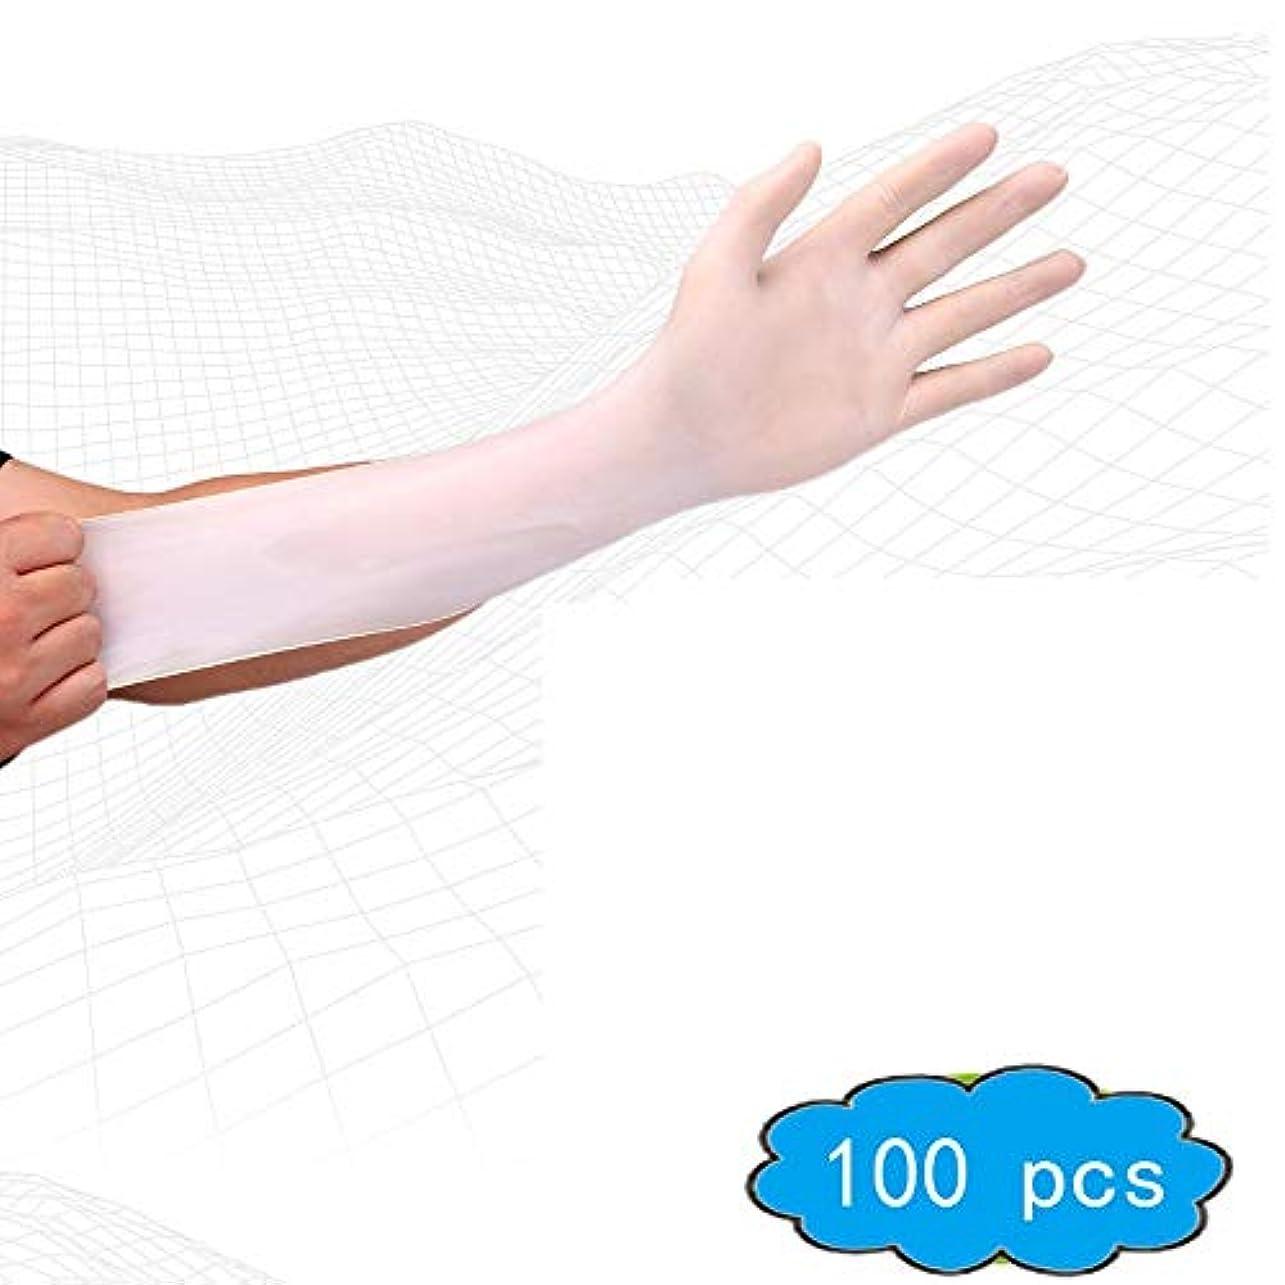 エンターテインメント想像するフィッティング使い捨てラテックス手袋、パウダーなし/ポックマーク/左手および右手、100箱、厚手、食品グレード、実験室、電子機器、ケータリング、高弾性手袋 (Color : Beige, Size : XS)